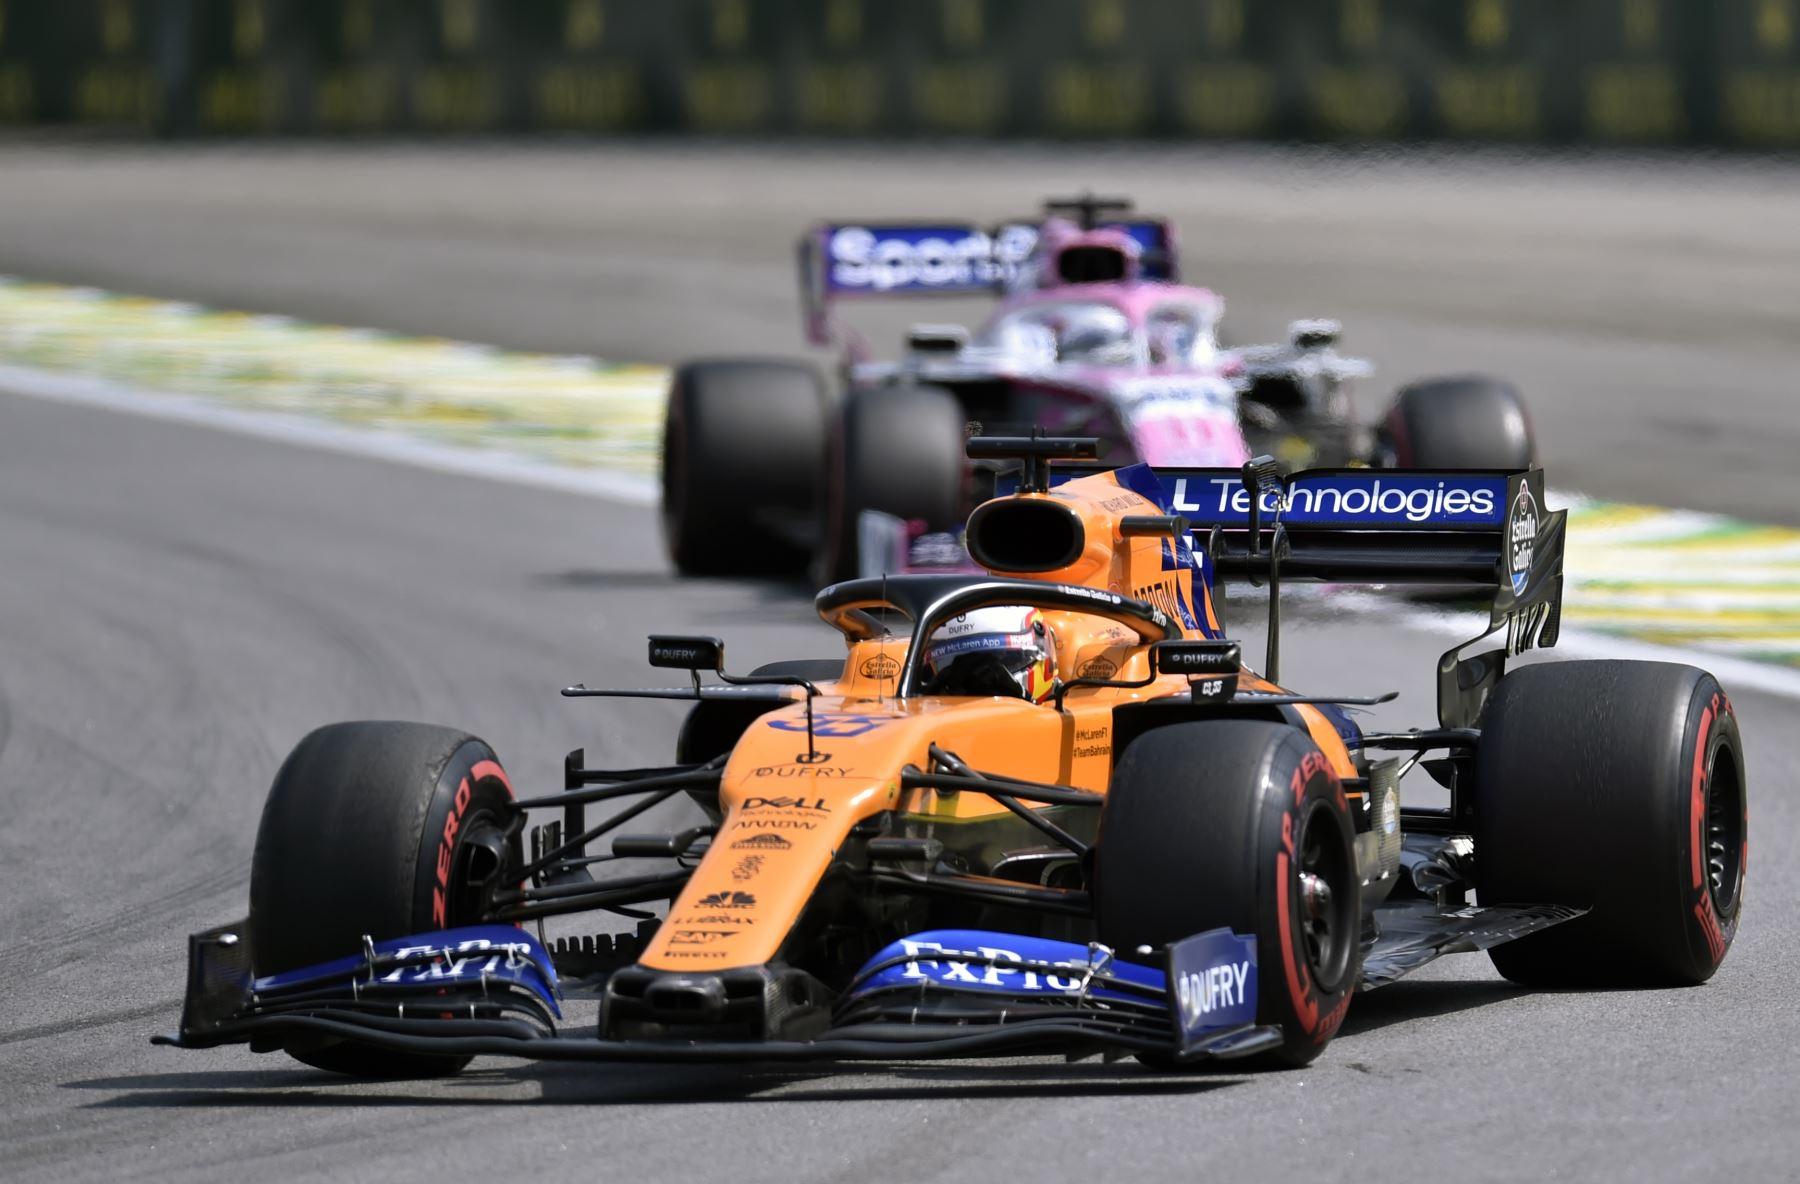 El piloto español de McLaren, Carlos Sainz Jr, impulsa su automóvil durante el Gran Premio de F1 de Brasil, en el hipódromo de Interlagos en Sao Paulo, Brasil. Foto: AFP